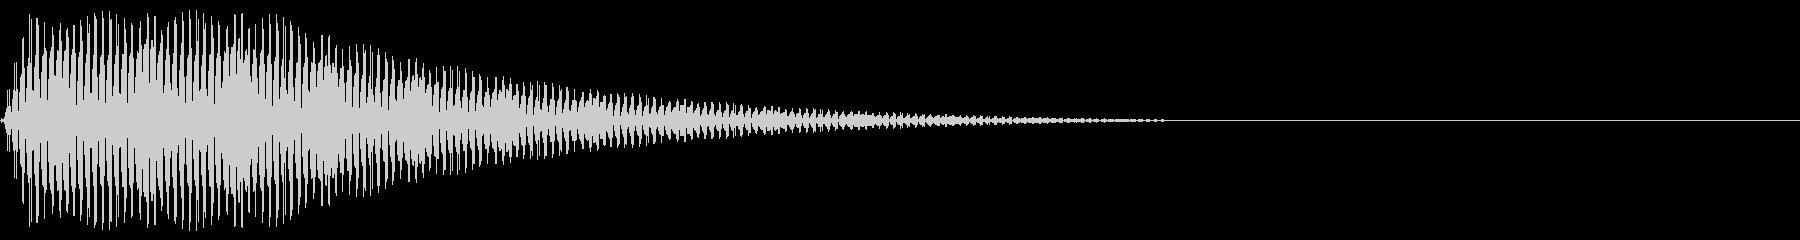 Game ブルブルブルというSE 3の未再生の波形